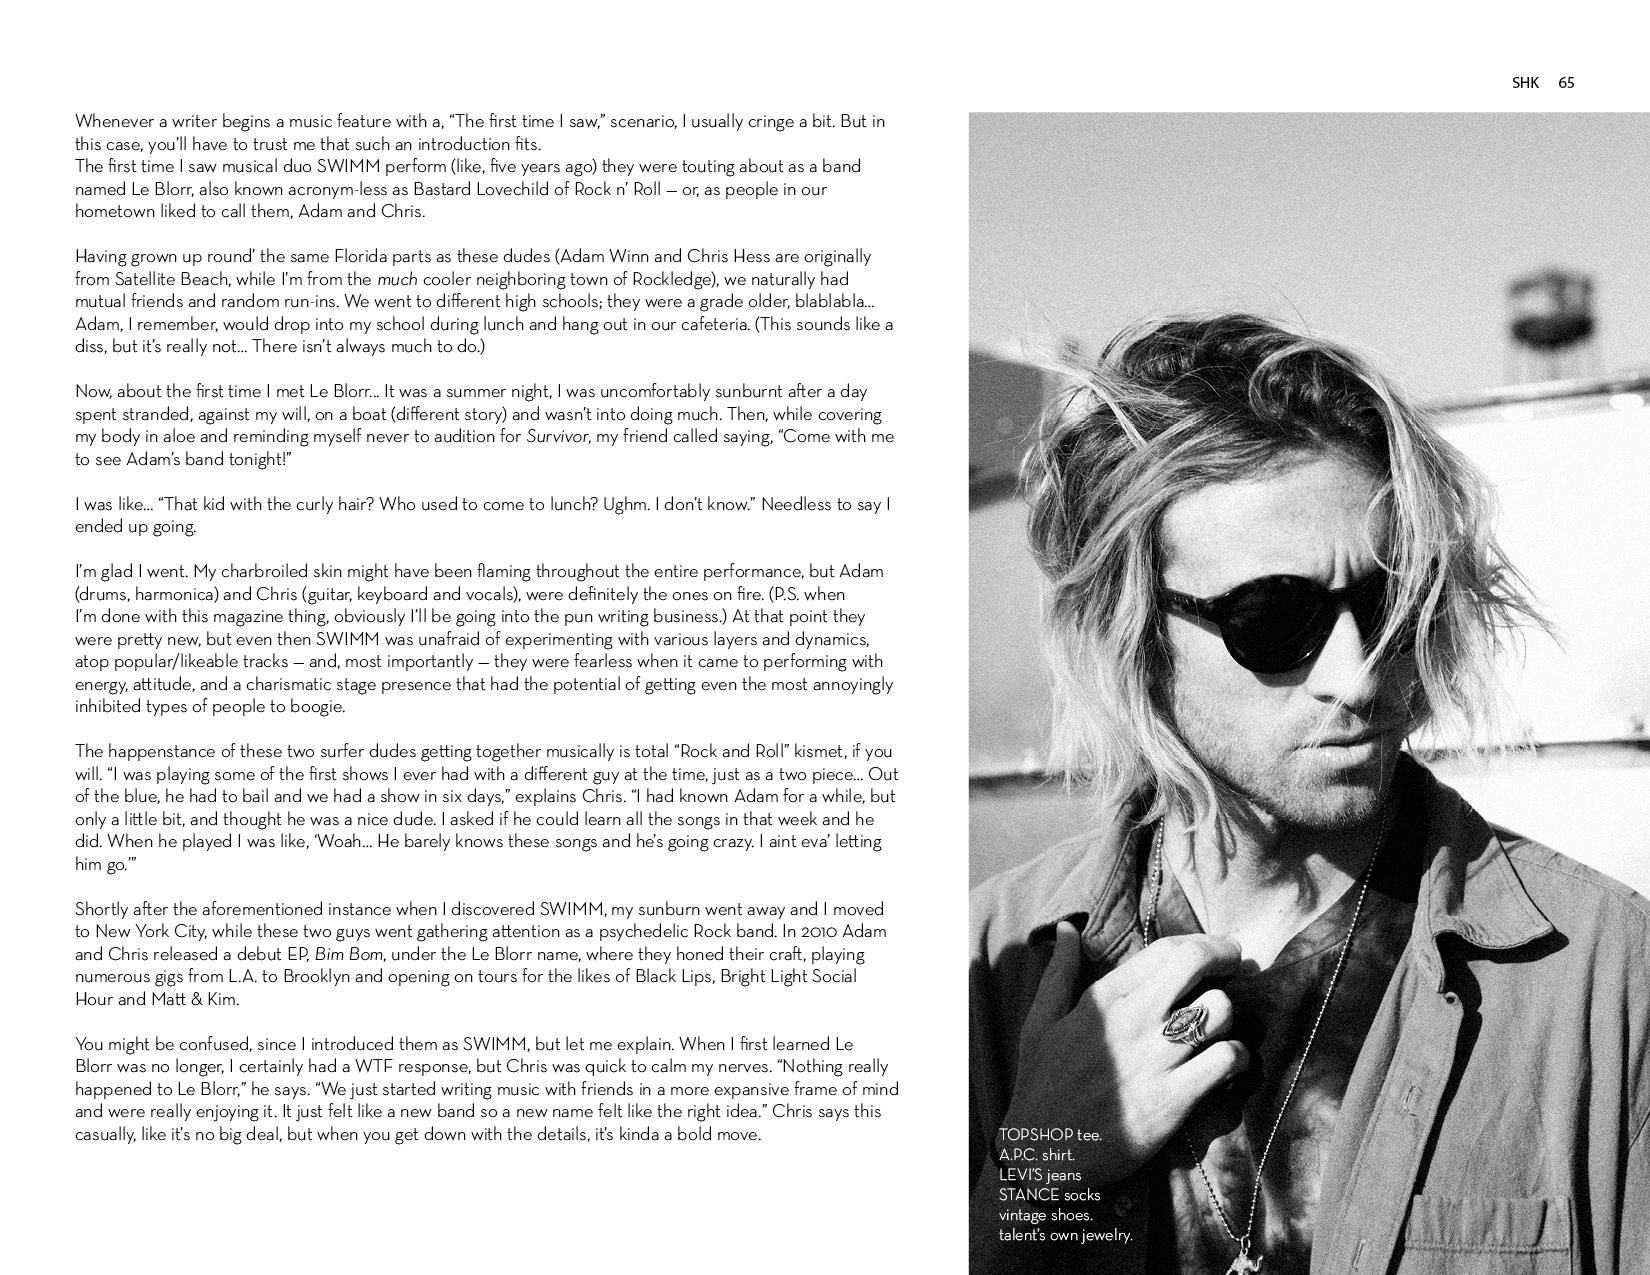 SHK-Summer-Issue-Summer-Needs-No-Explaination-201365.jpg